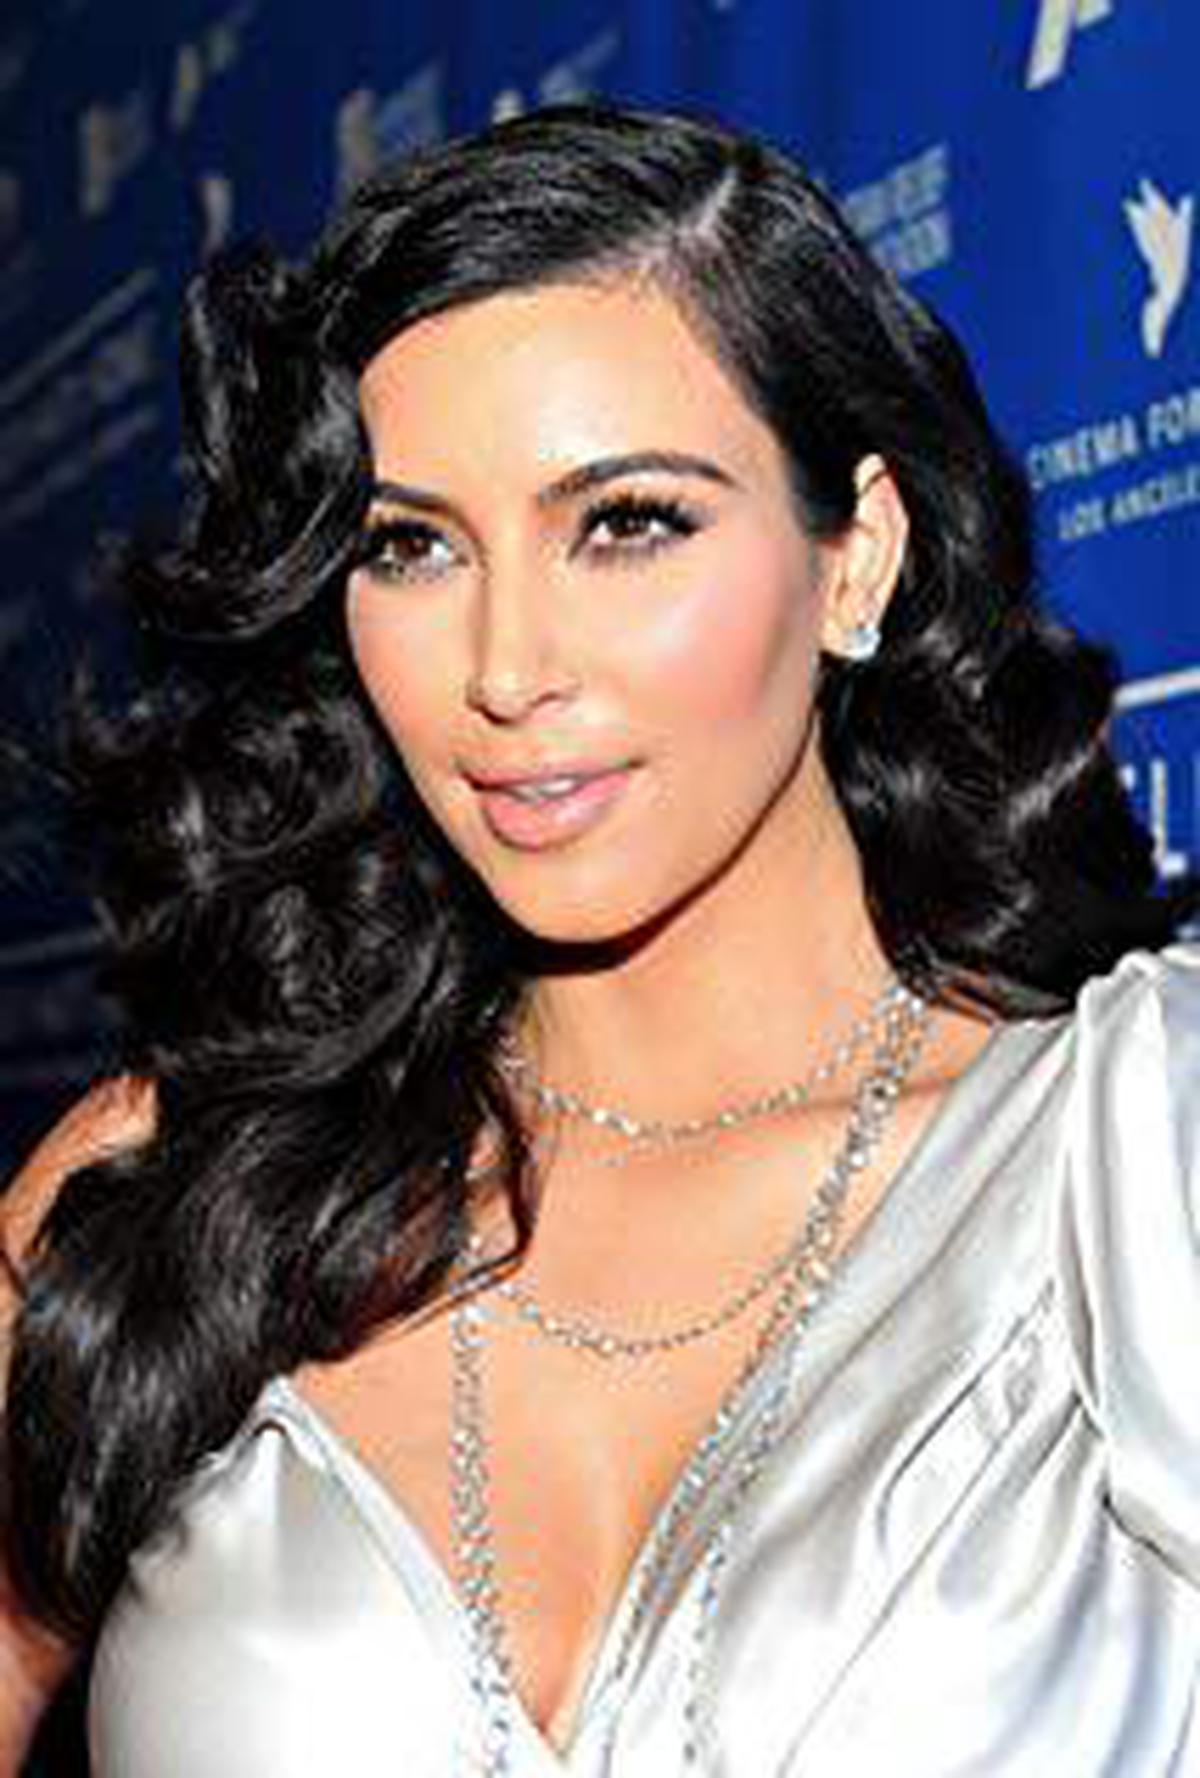 ผลการค้นหารูปภาพสำหรับ kim kardashian